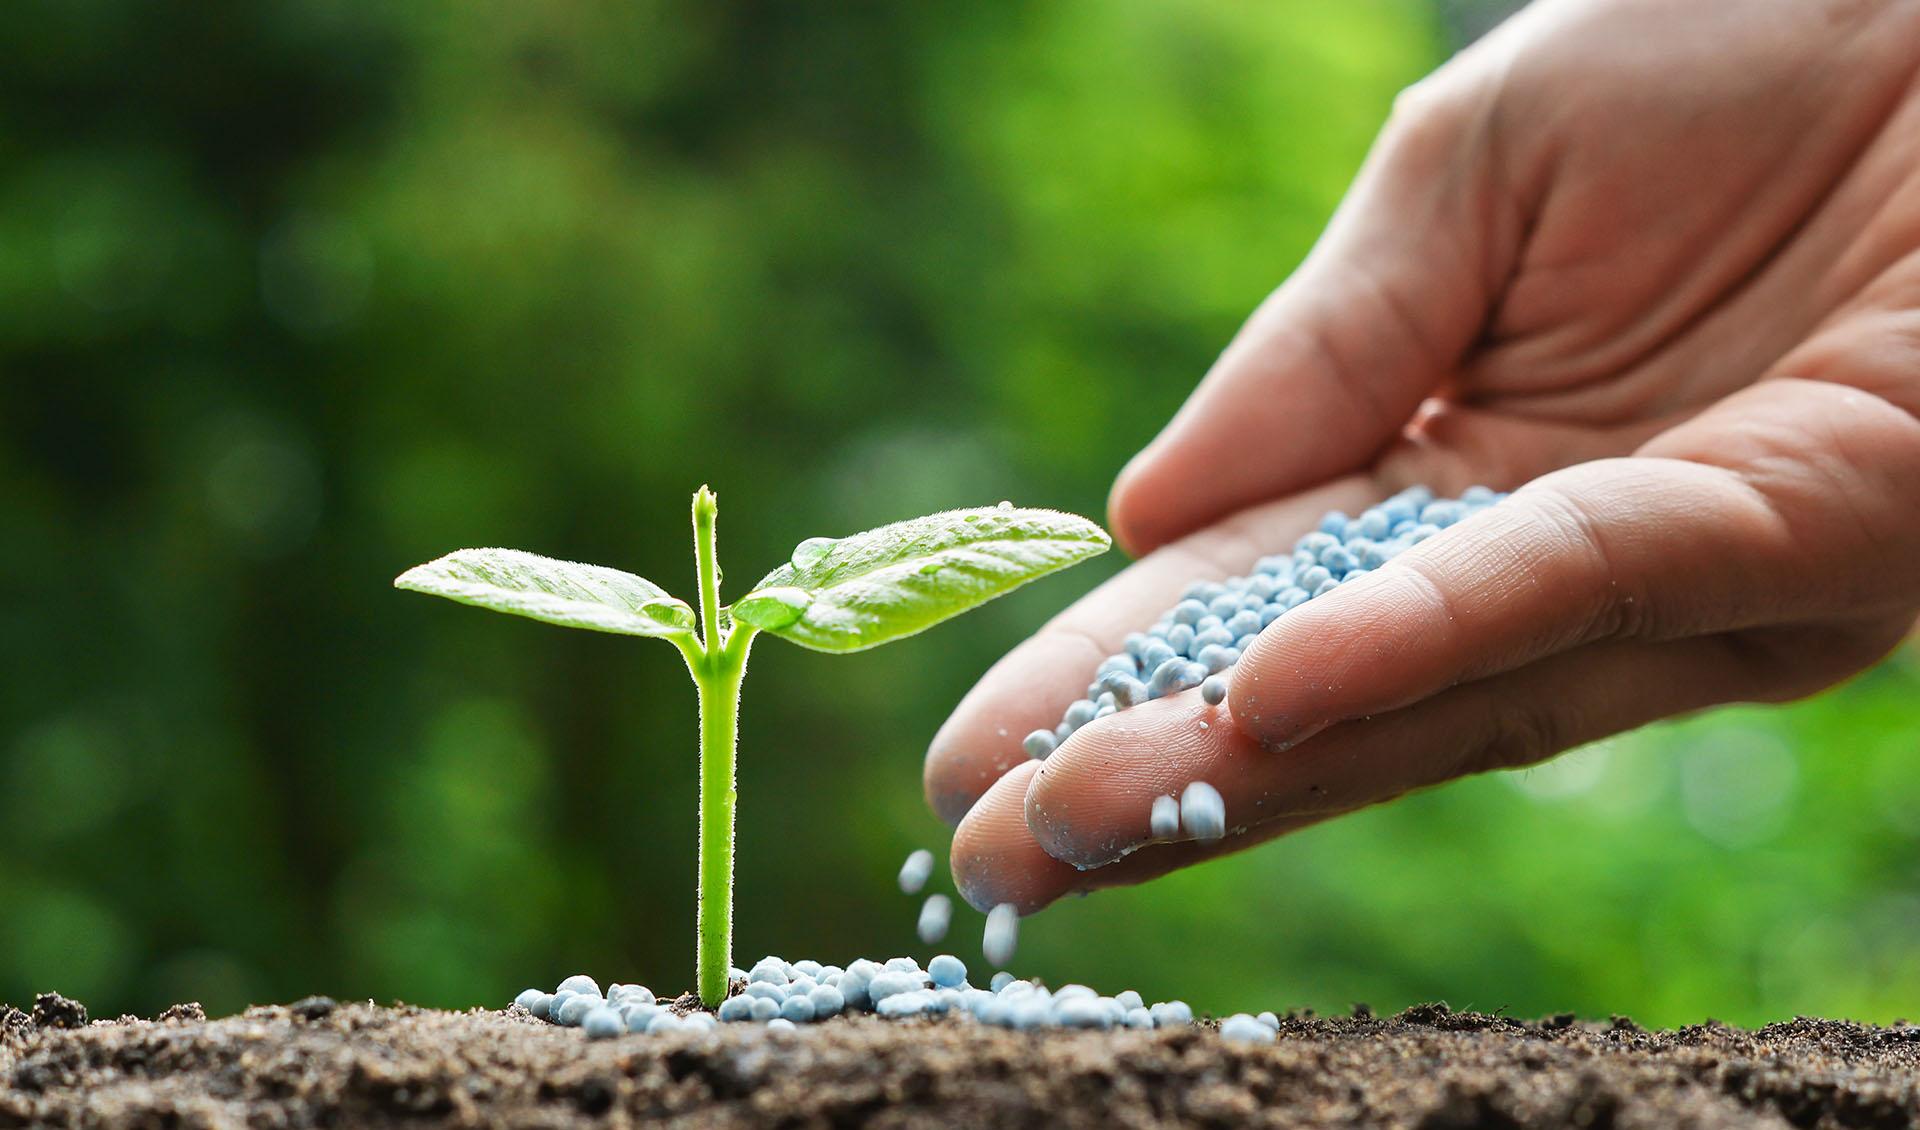 افزایش ۳۰ درصدی تحویل کود اوره پتروشیمیها به بخش کشاورزی